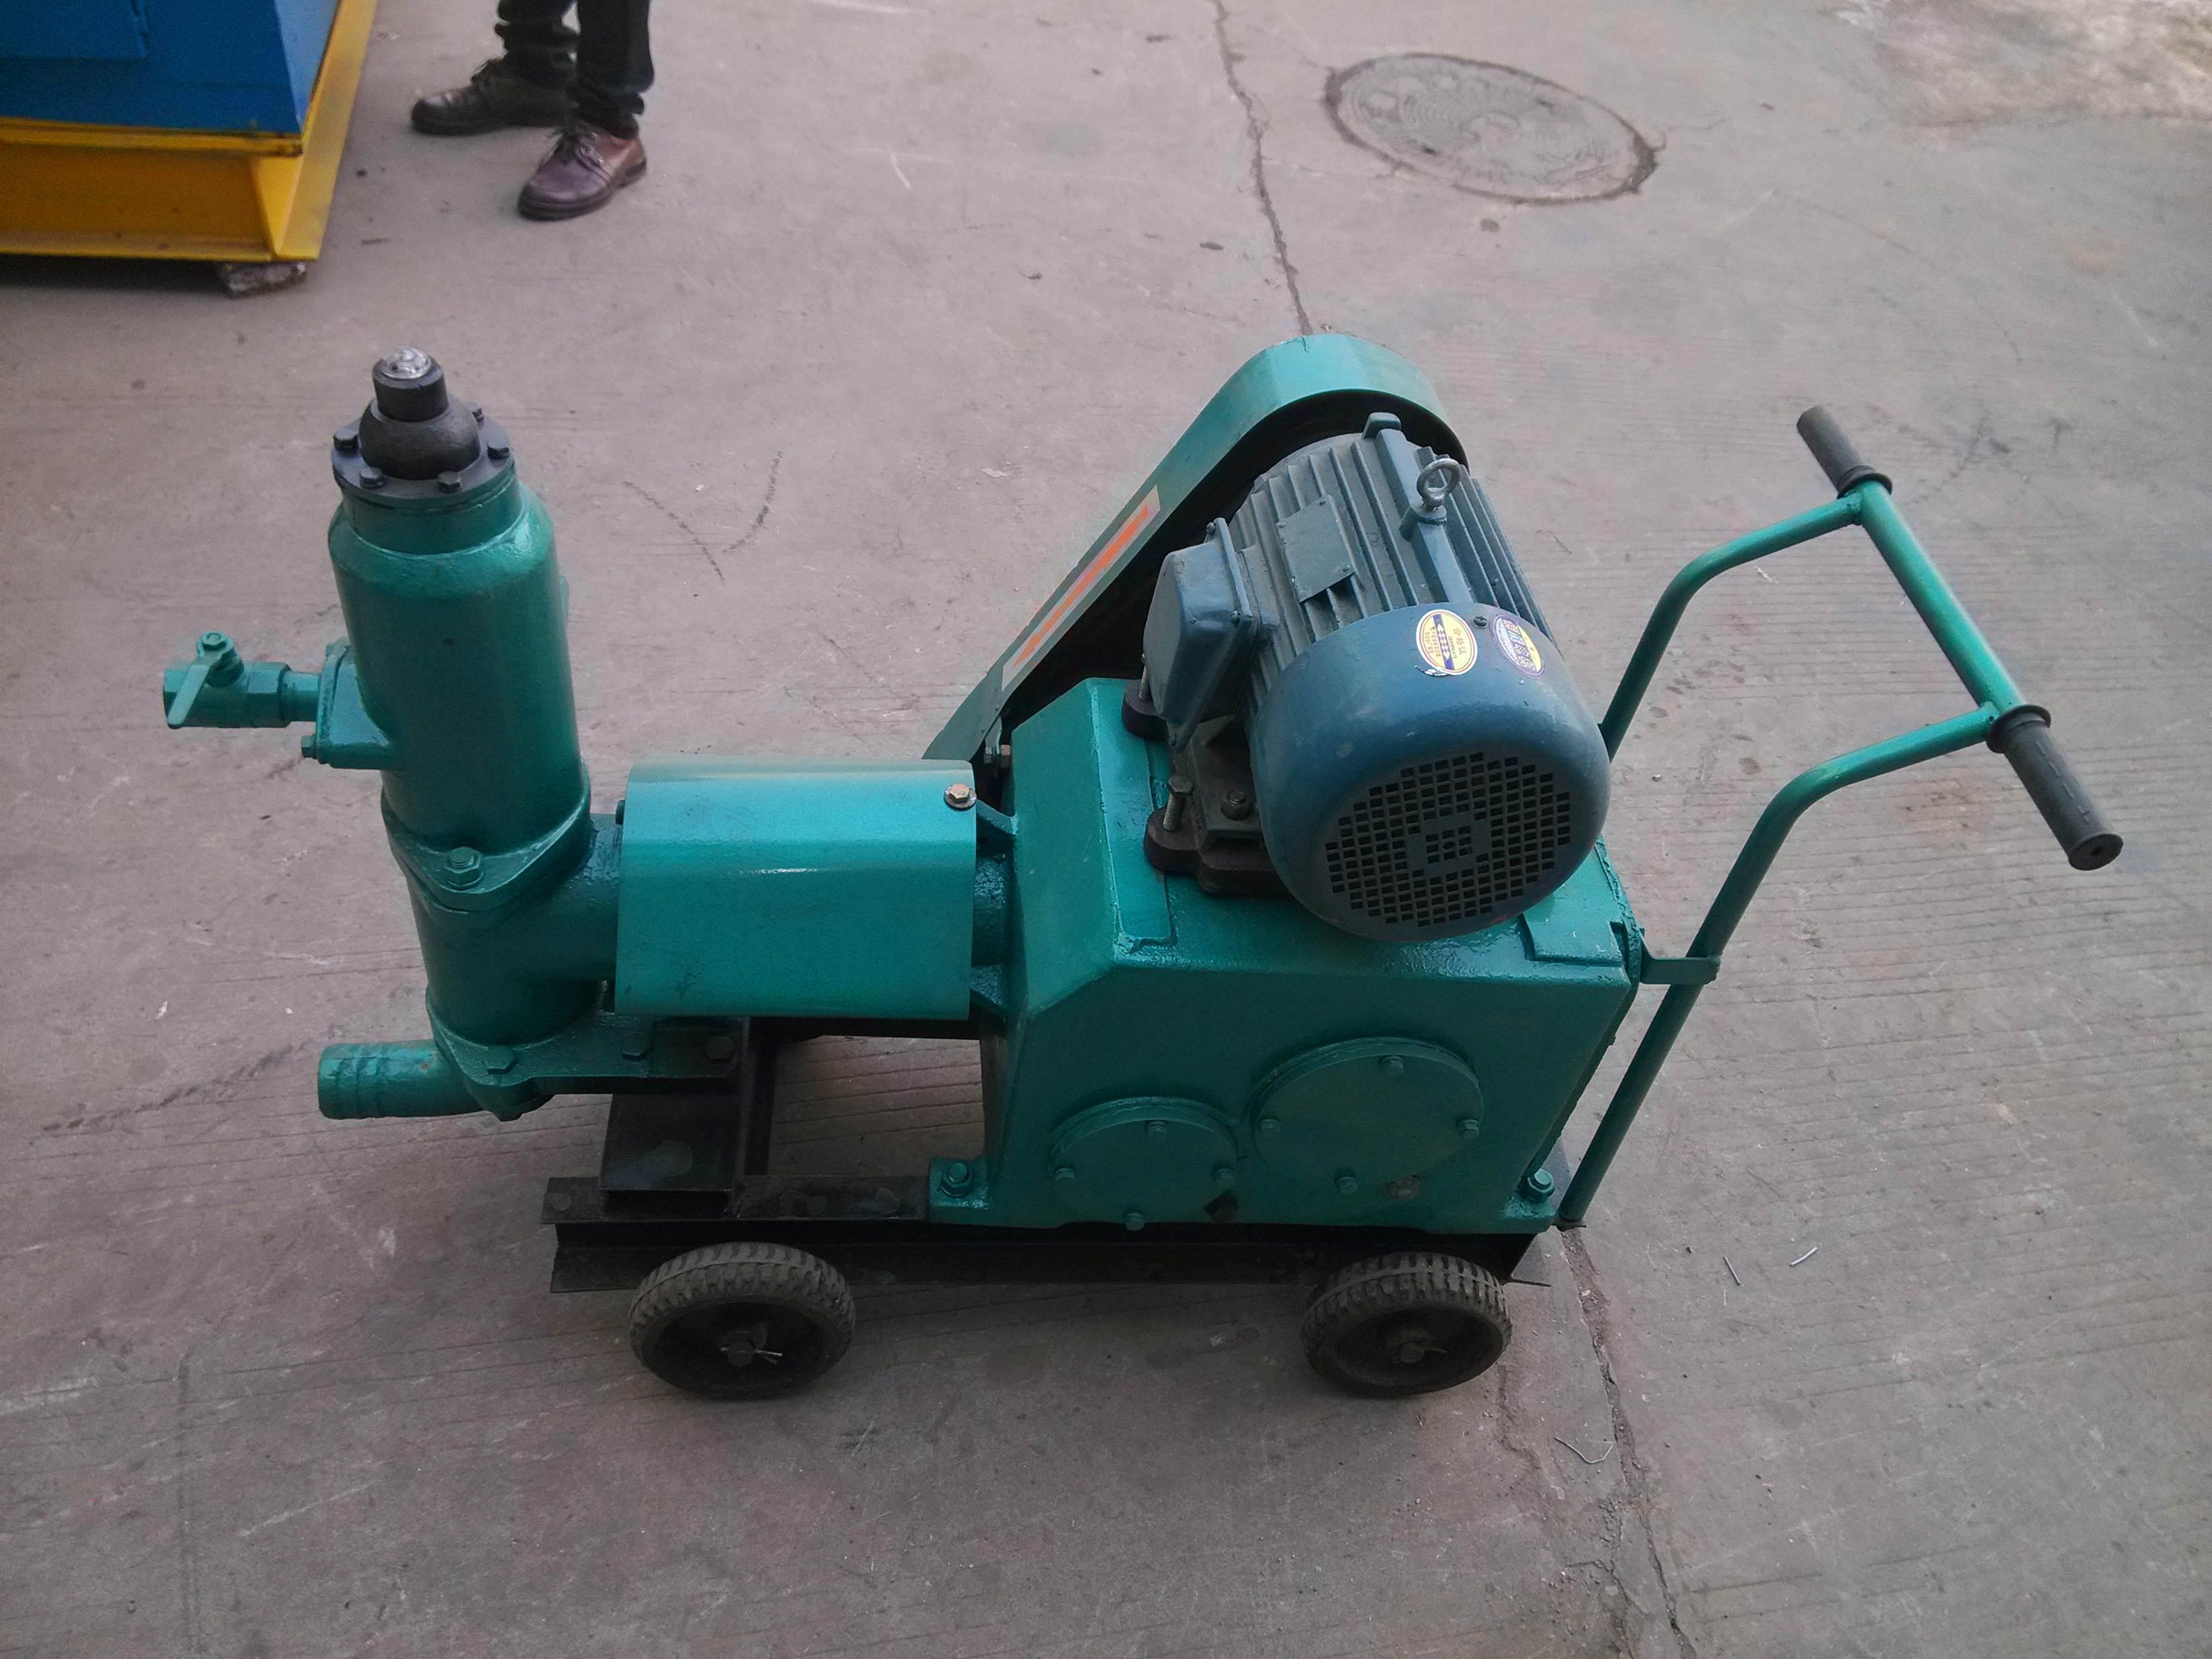 锦州变频调速三缸柱塞泵适合工程压浆机